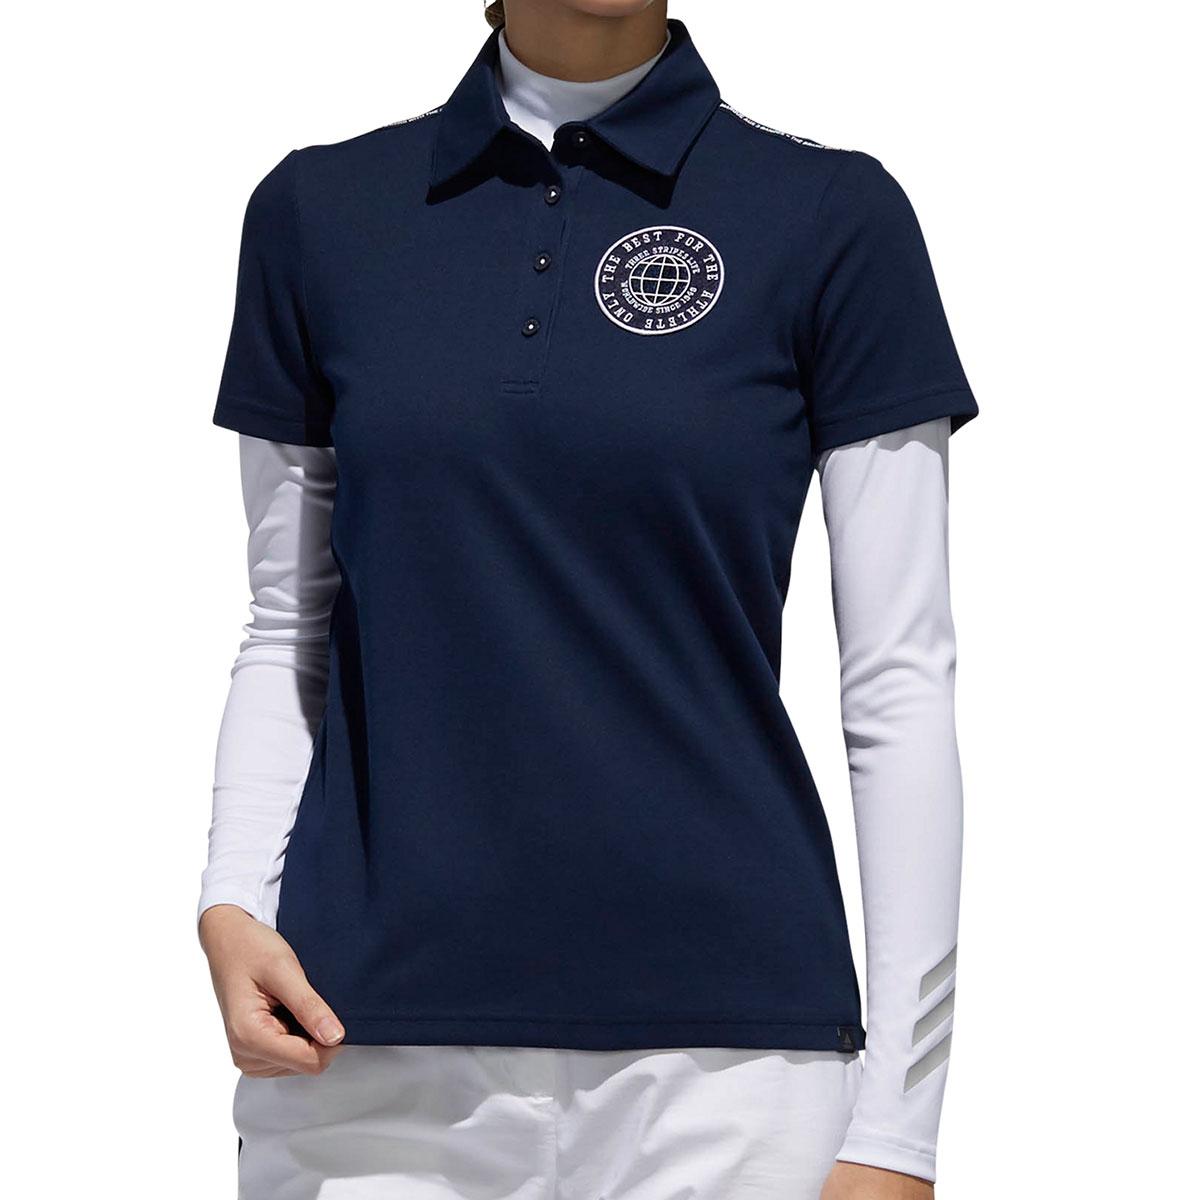 早くも登場!ポロシャツなどアディダス2019年春夏ゴルフウェア